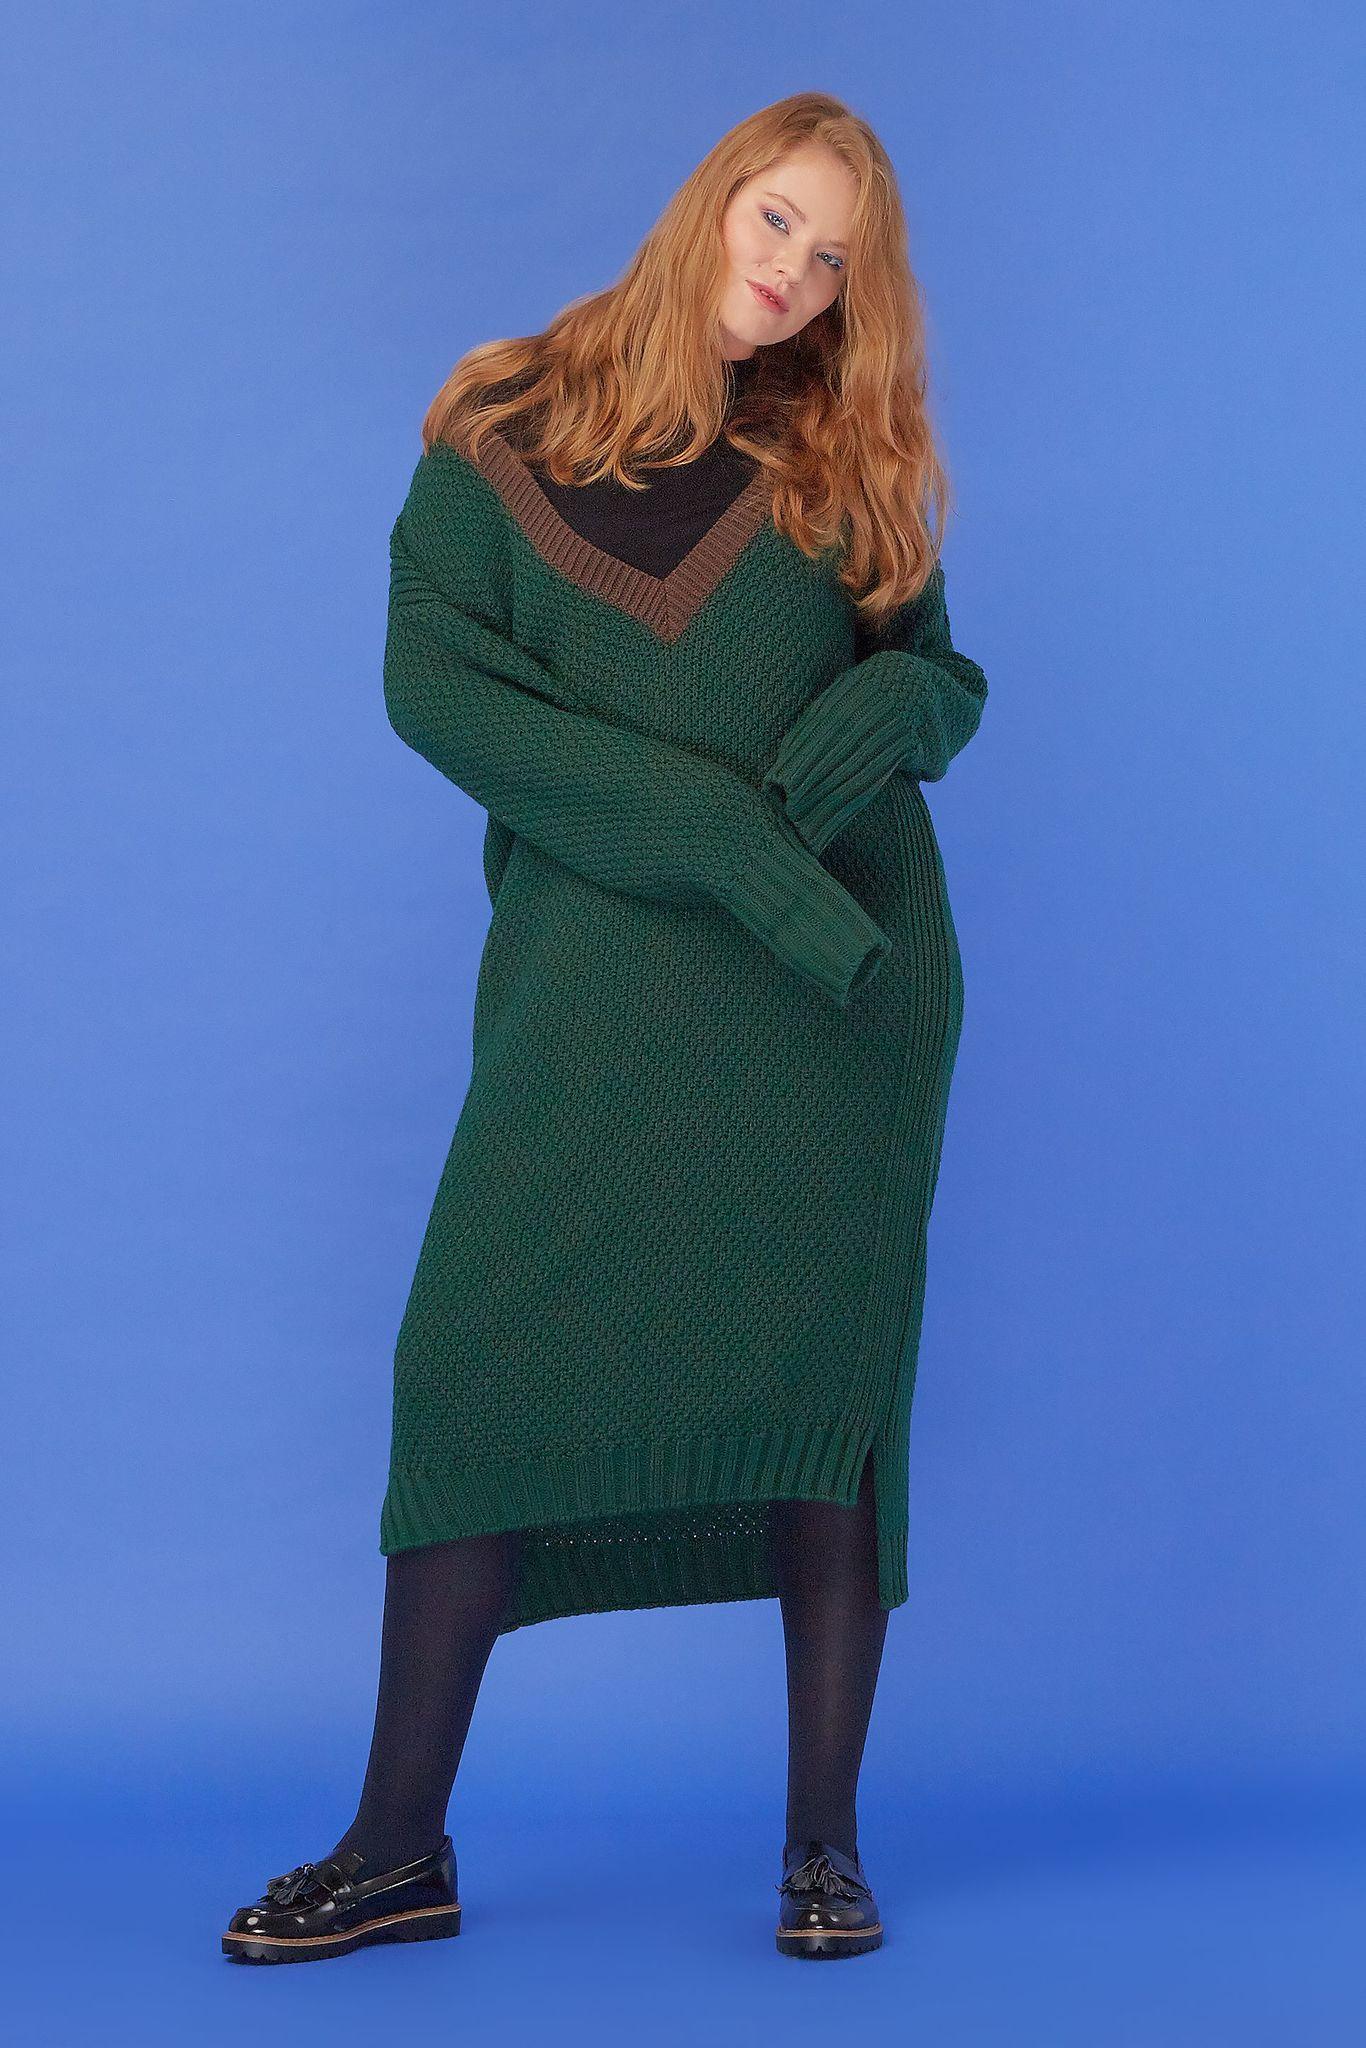 Вязаное платье LE-08 D02 34 KНовинки<br>Чем обязательно нужно пополнить гардероб в преддверии наступающих холодов? Конечно, вязаными вещами. И у нас для вас есть кое-что необычное! А именно — это платье. Крупная вязка, контрастные цвета, крупный V-образный вырез -  посмотрите, как здорово сочетается зеленый и коричневый. Слегка удлинённые рукава, свободно в плечах.<br>